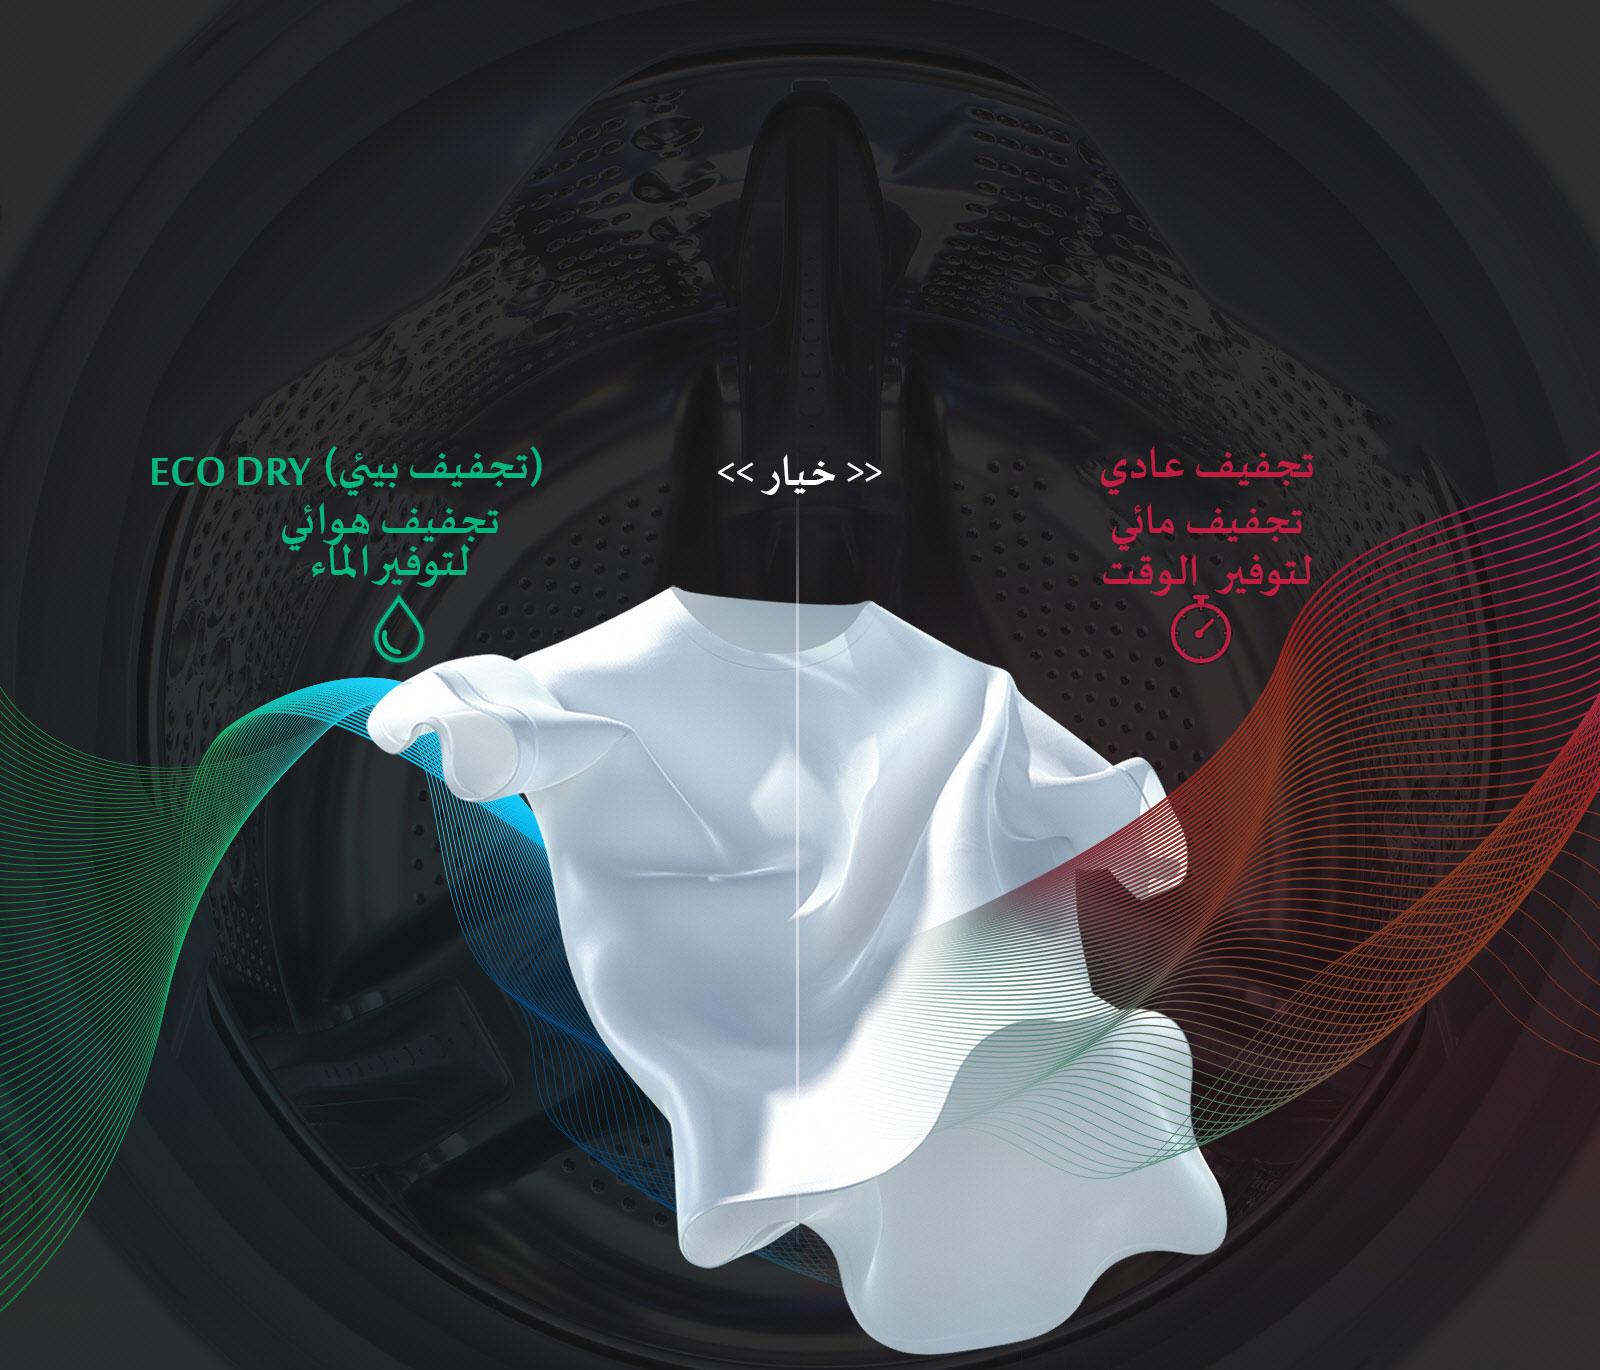 وفر الماء والوقت مع EcoHybrid